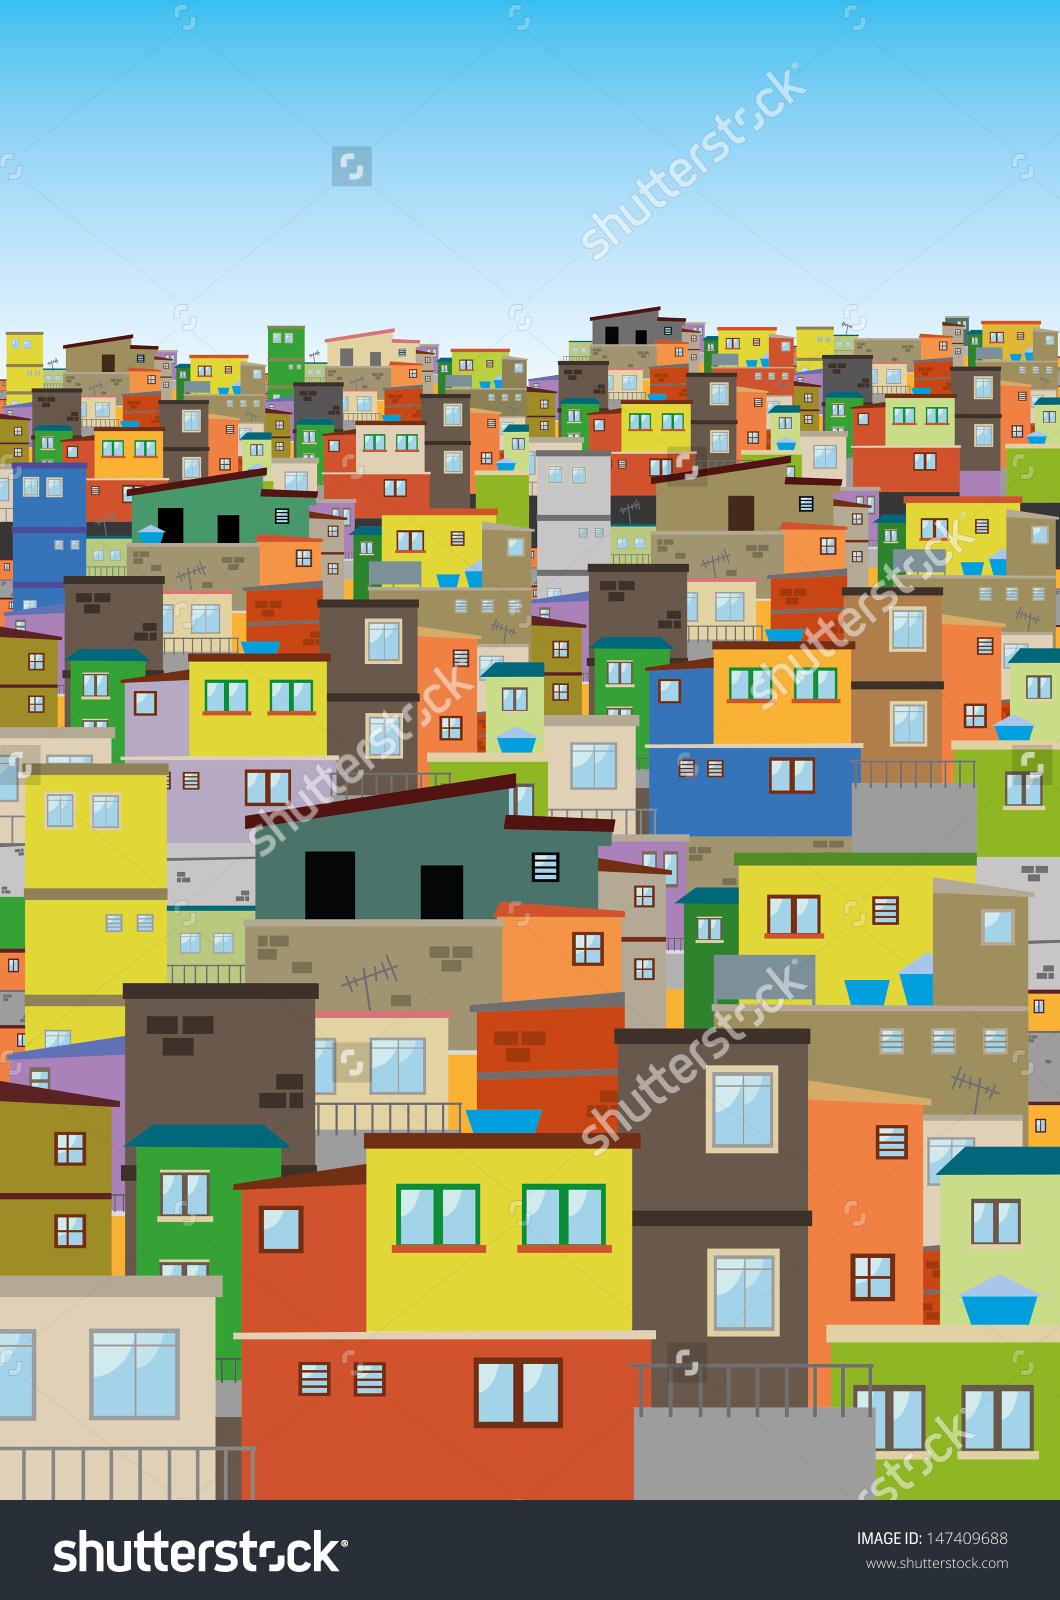 Rio De Janeiro Favela Illustration Stock Vector 147409688.